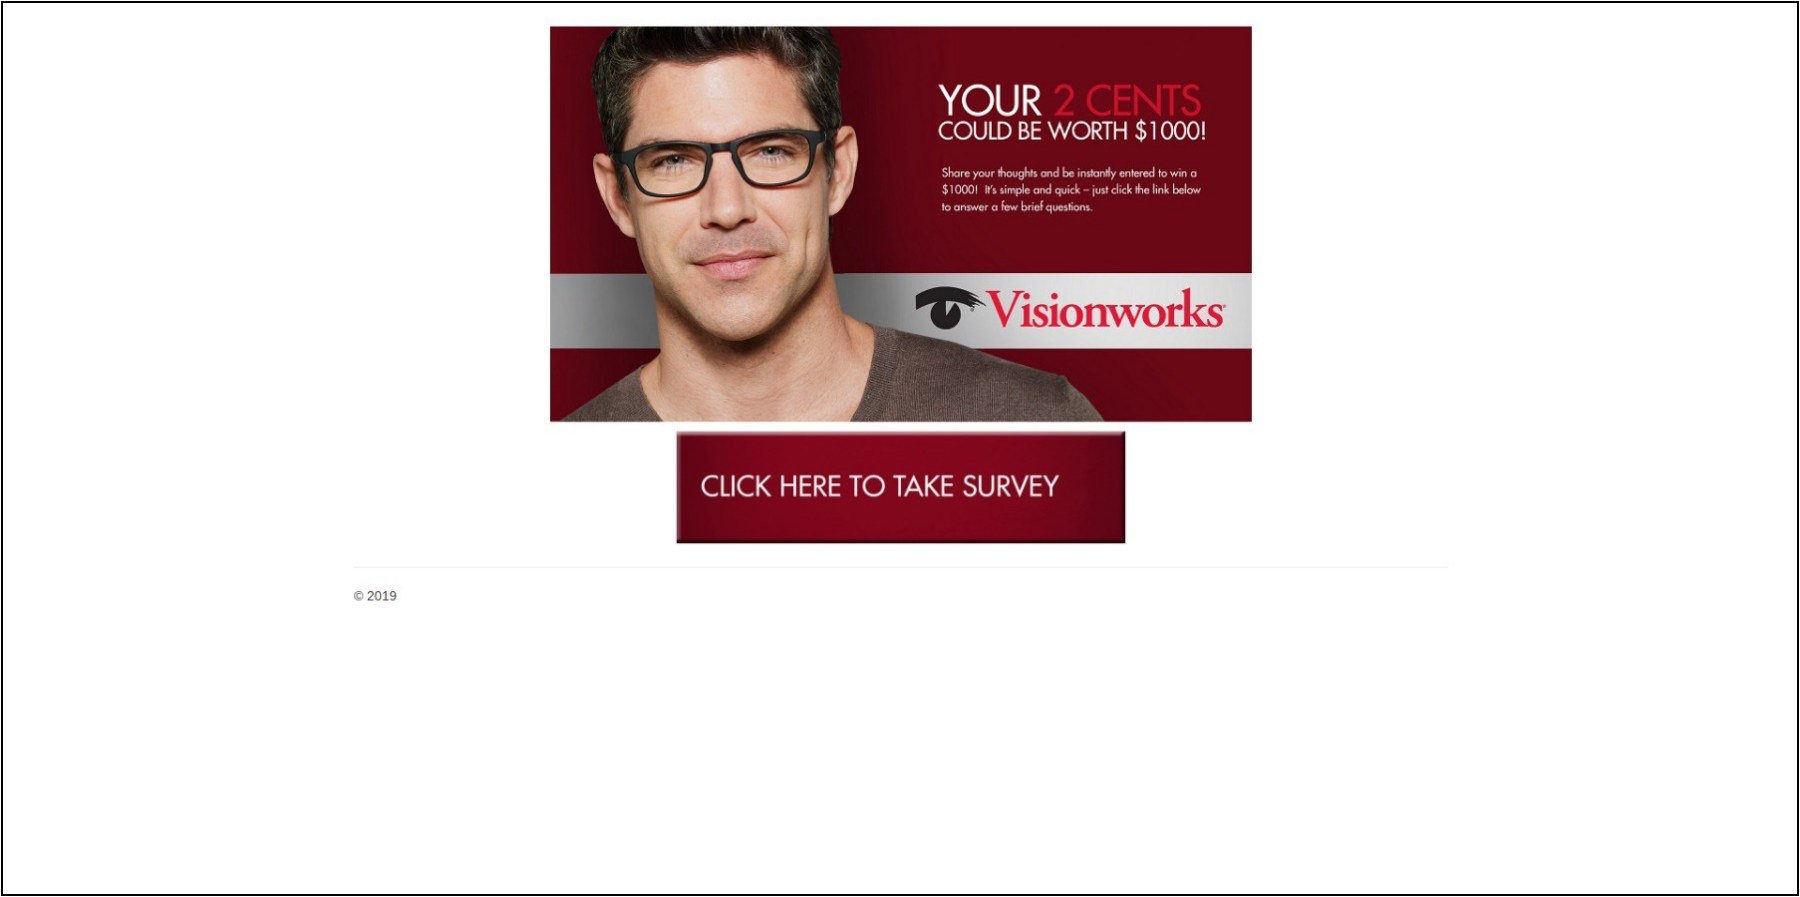 www.EyewarSurvey.com